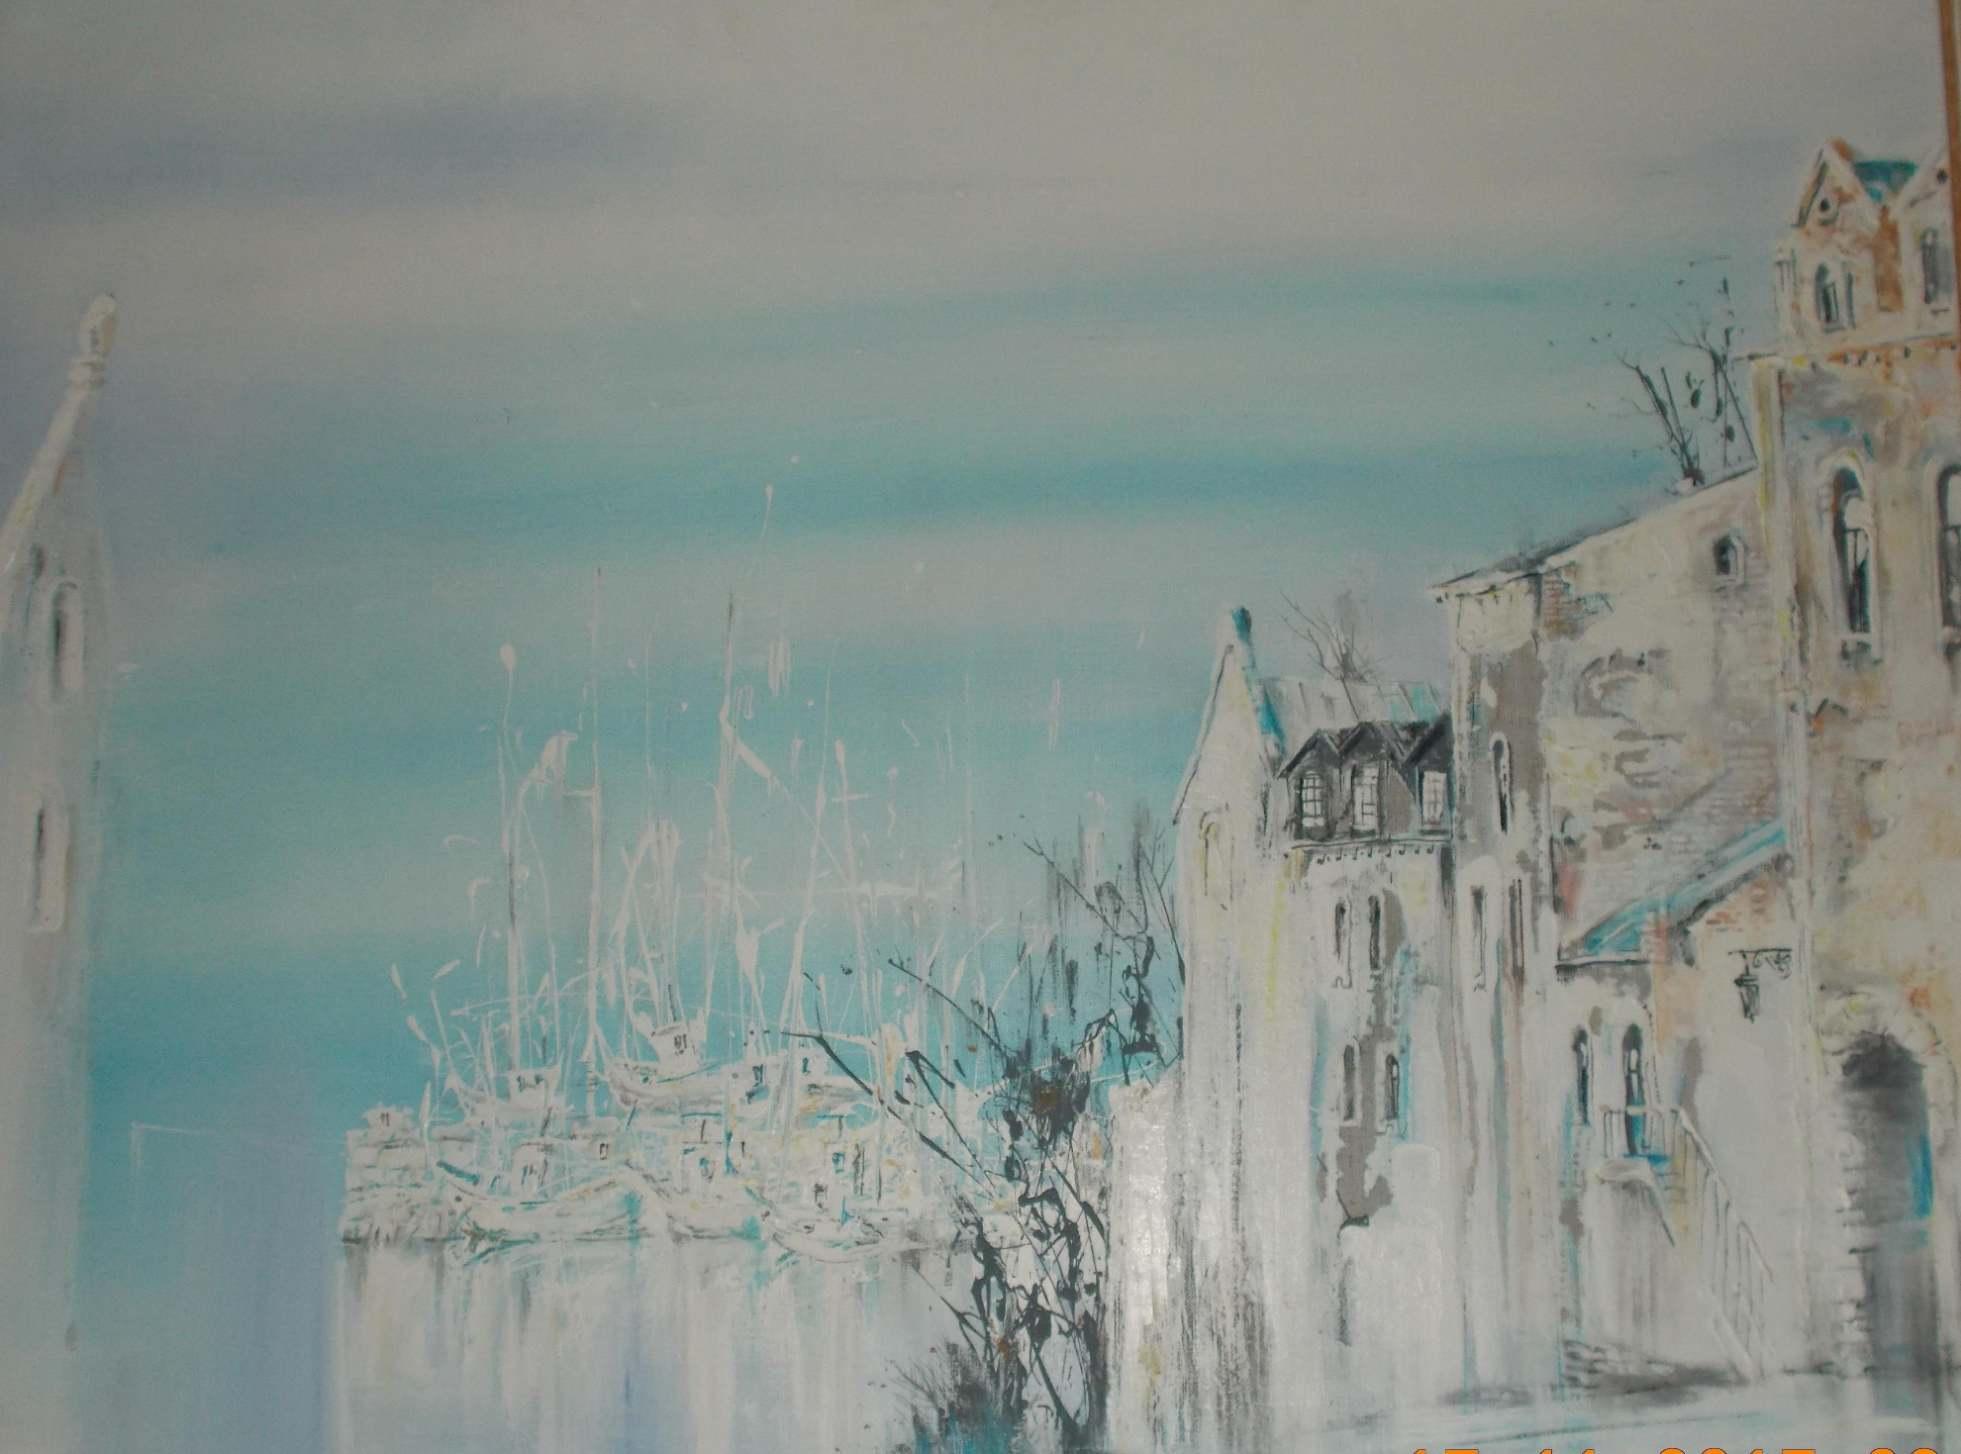 Черкасов С. М. Вид на Амурский залив с улицы адмирала Фокина. 2003. Холст, акрил. 90х85